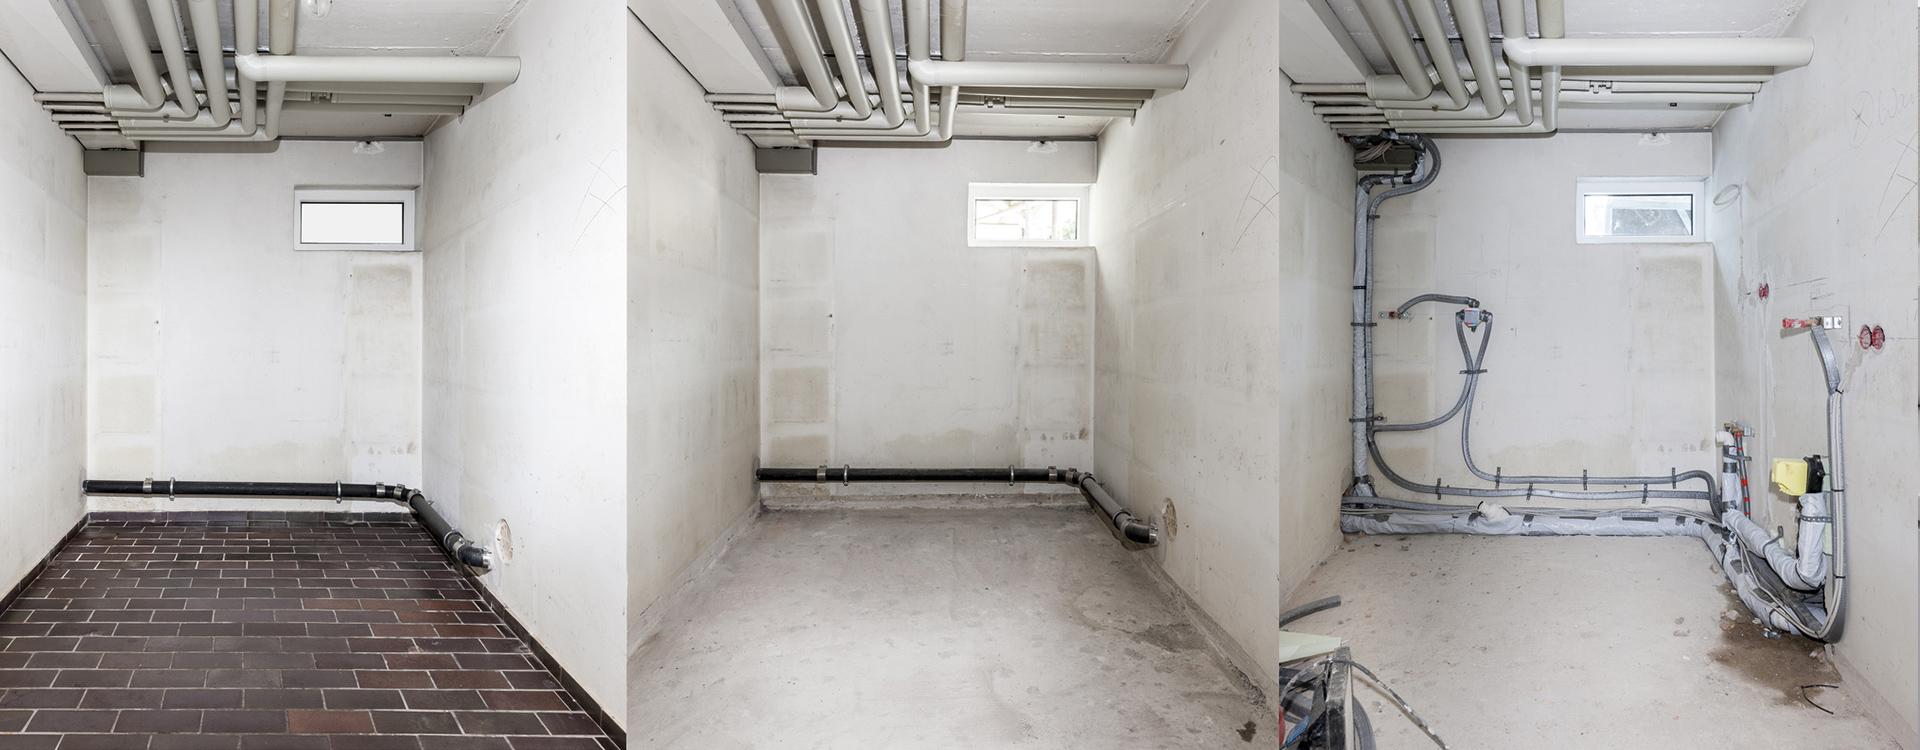 Stefan-Stolze-Heizungs-und-Sanitartechnik-Gmbh-Ihr-Klempner-in-Ahrensburg-sanitaer-sanierung-02